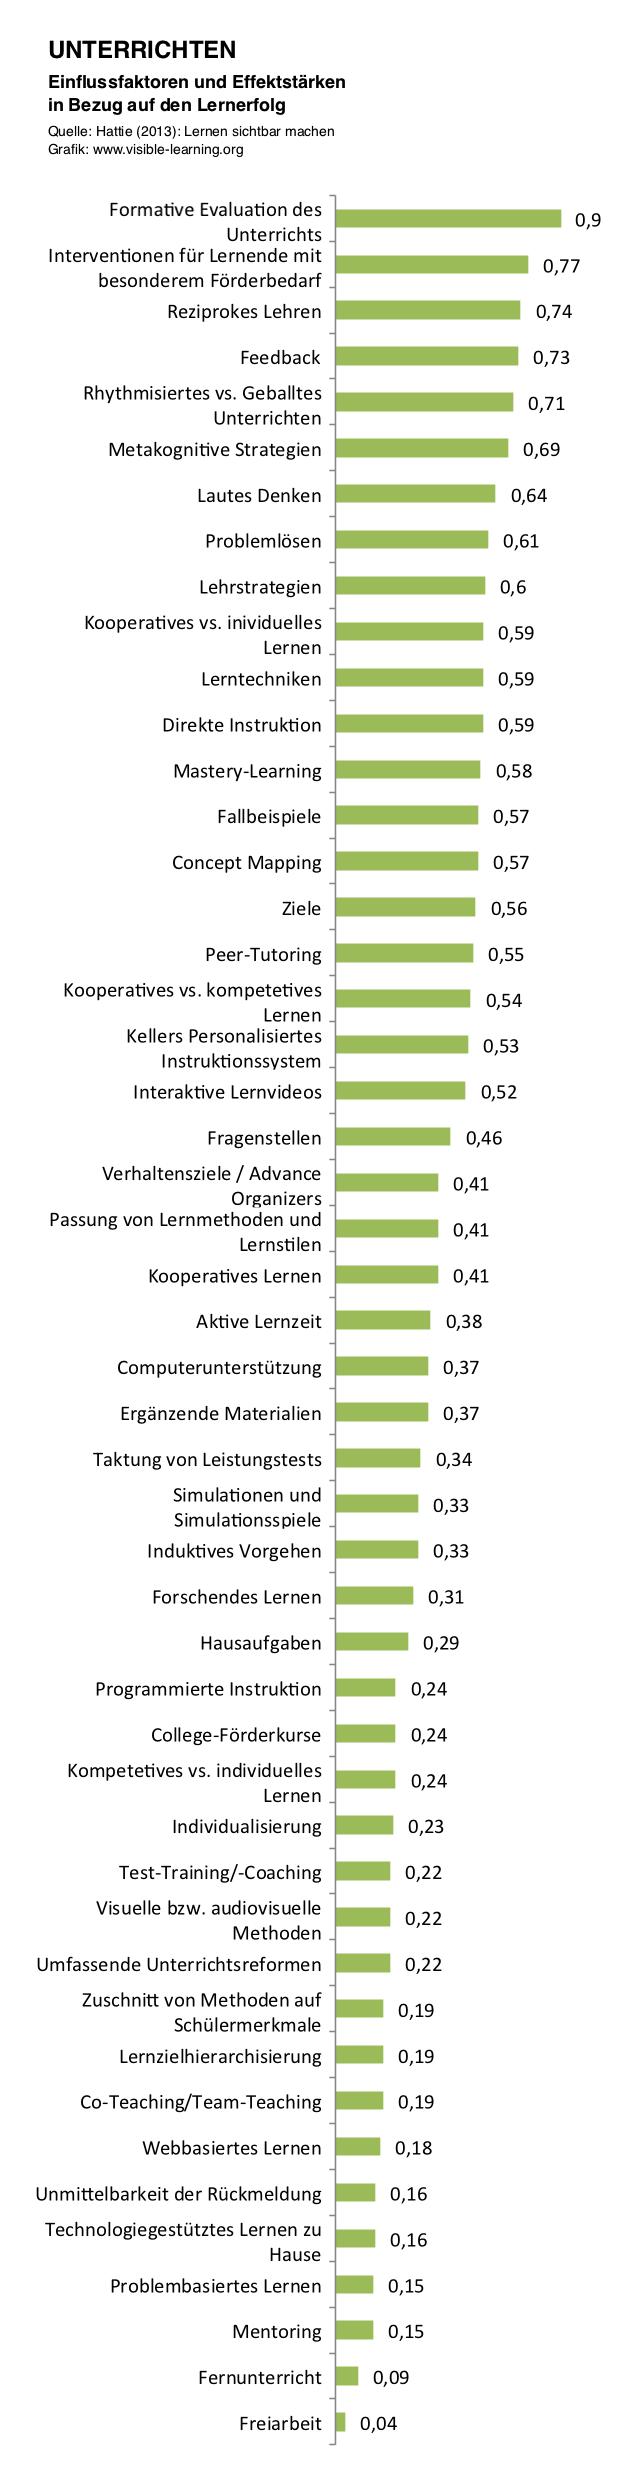 UNTERRICHTEN_hattie-studie-lernen-sichtbar-machen-rangliste-effektstaerken-einflussfaktoren-deutsch